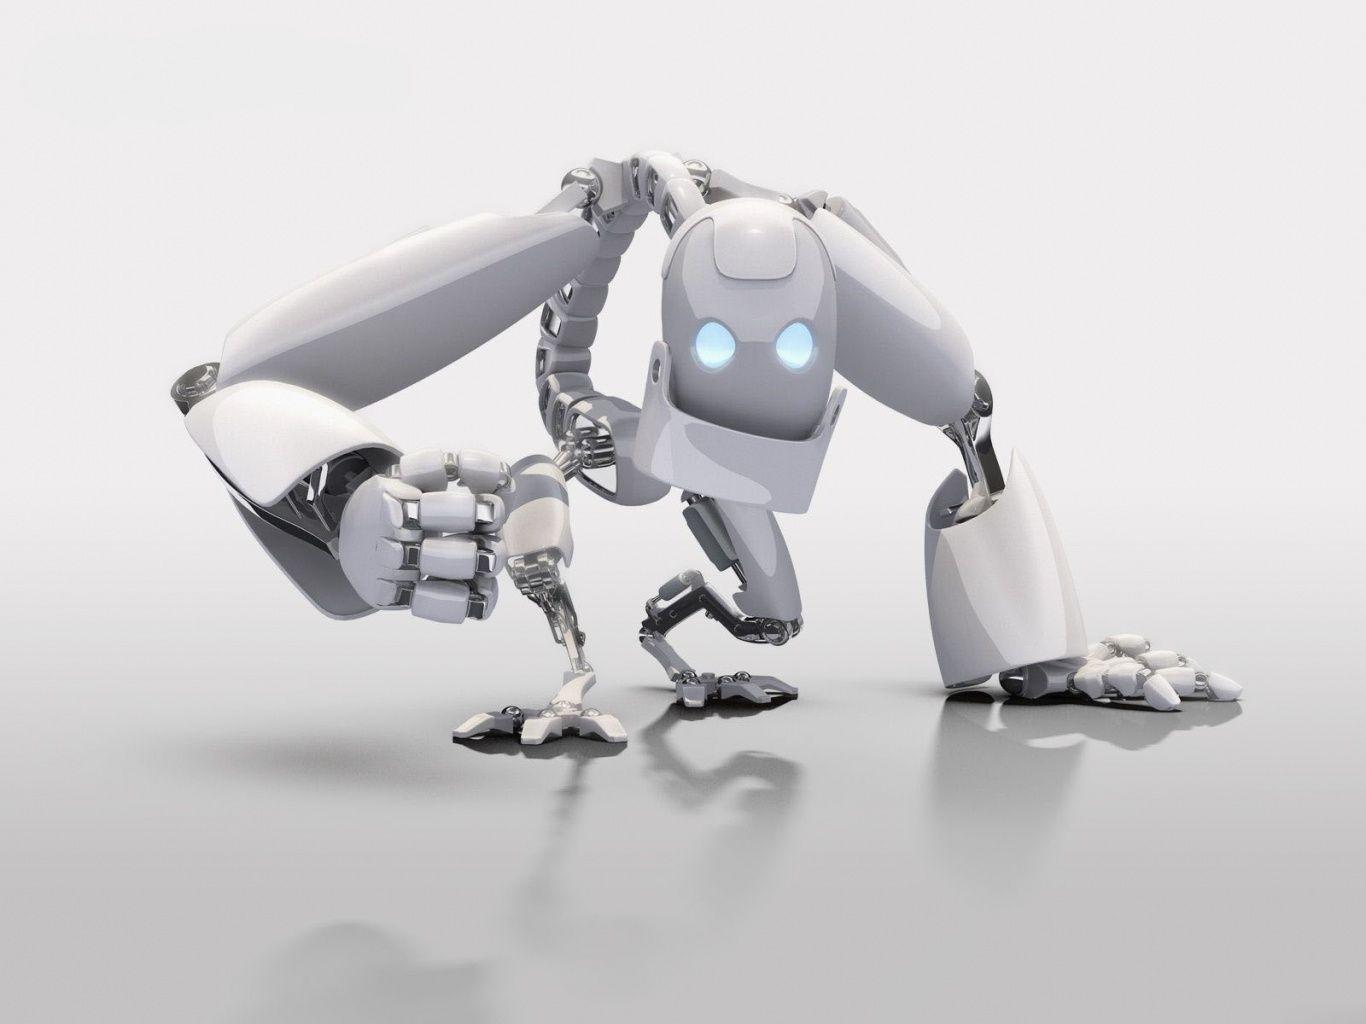 Daisy Inspiration Robots Descargar Fondos De Pantalla D Fondo Robot Wallpaper